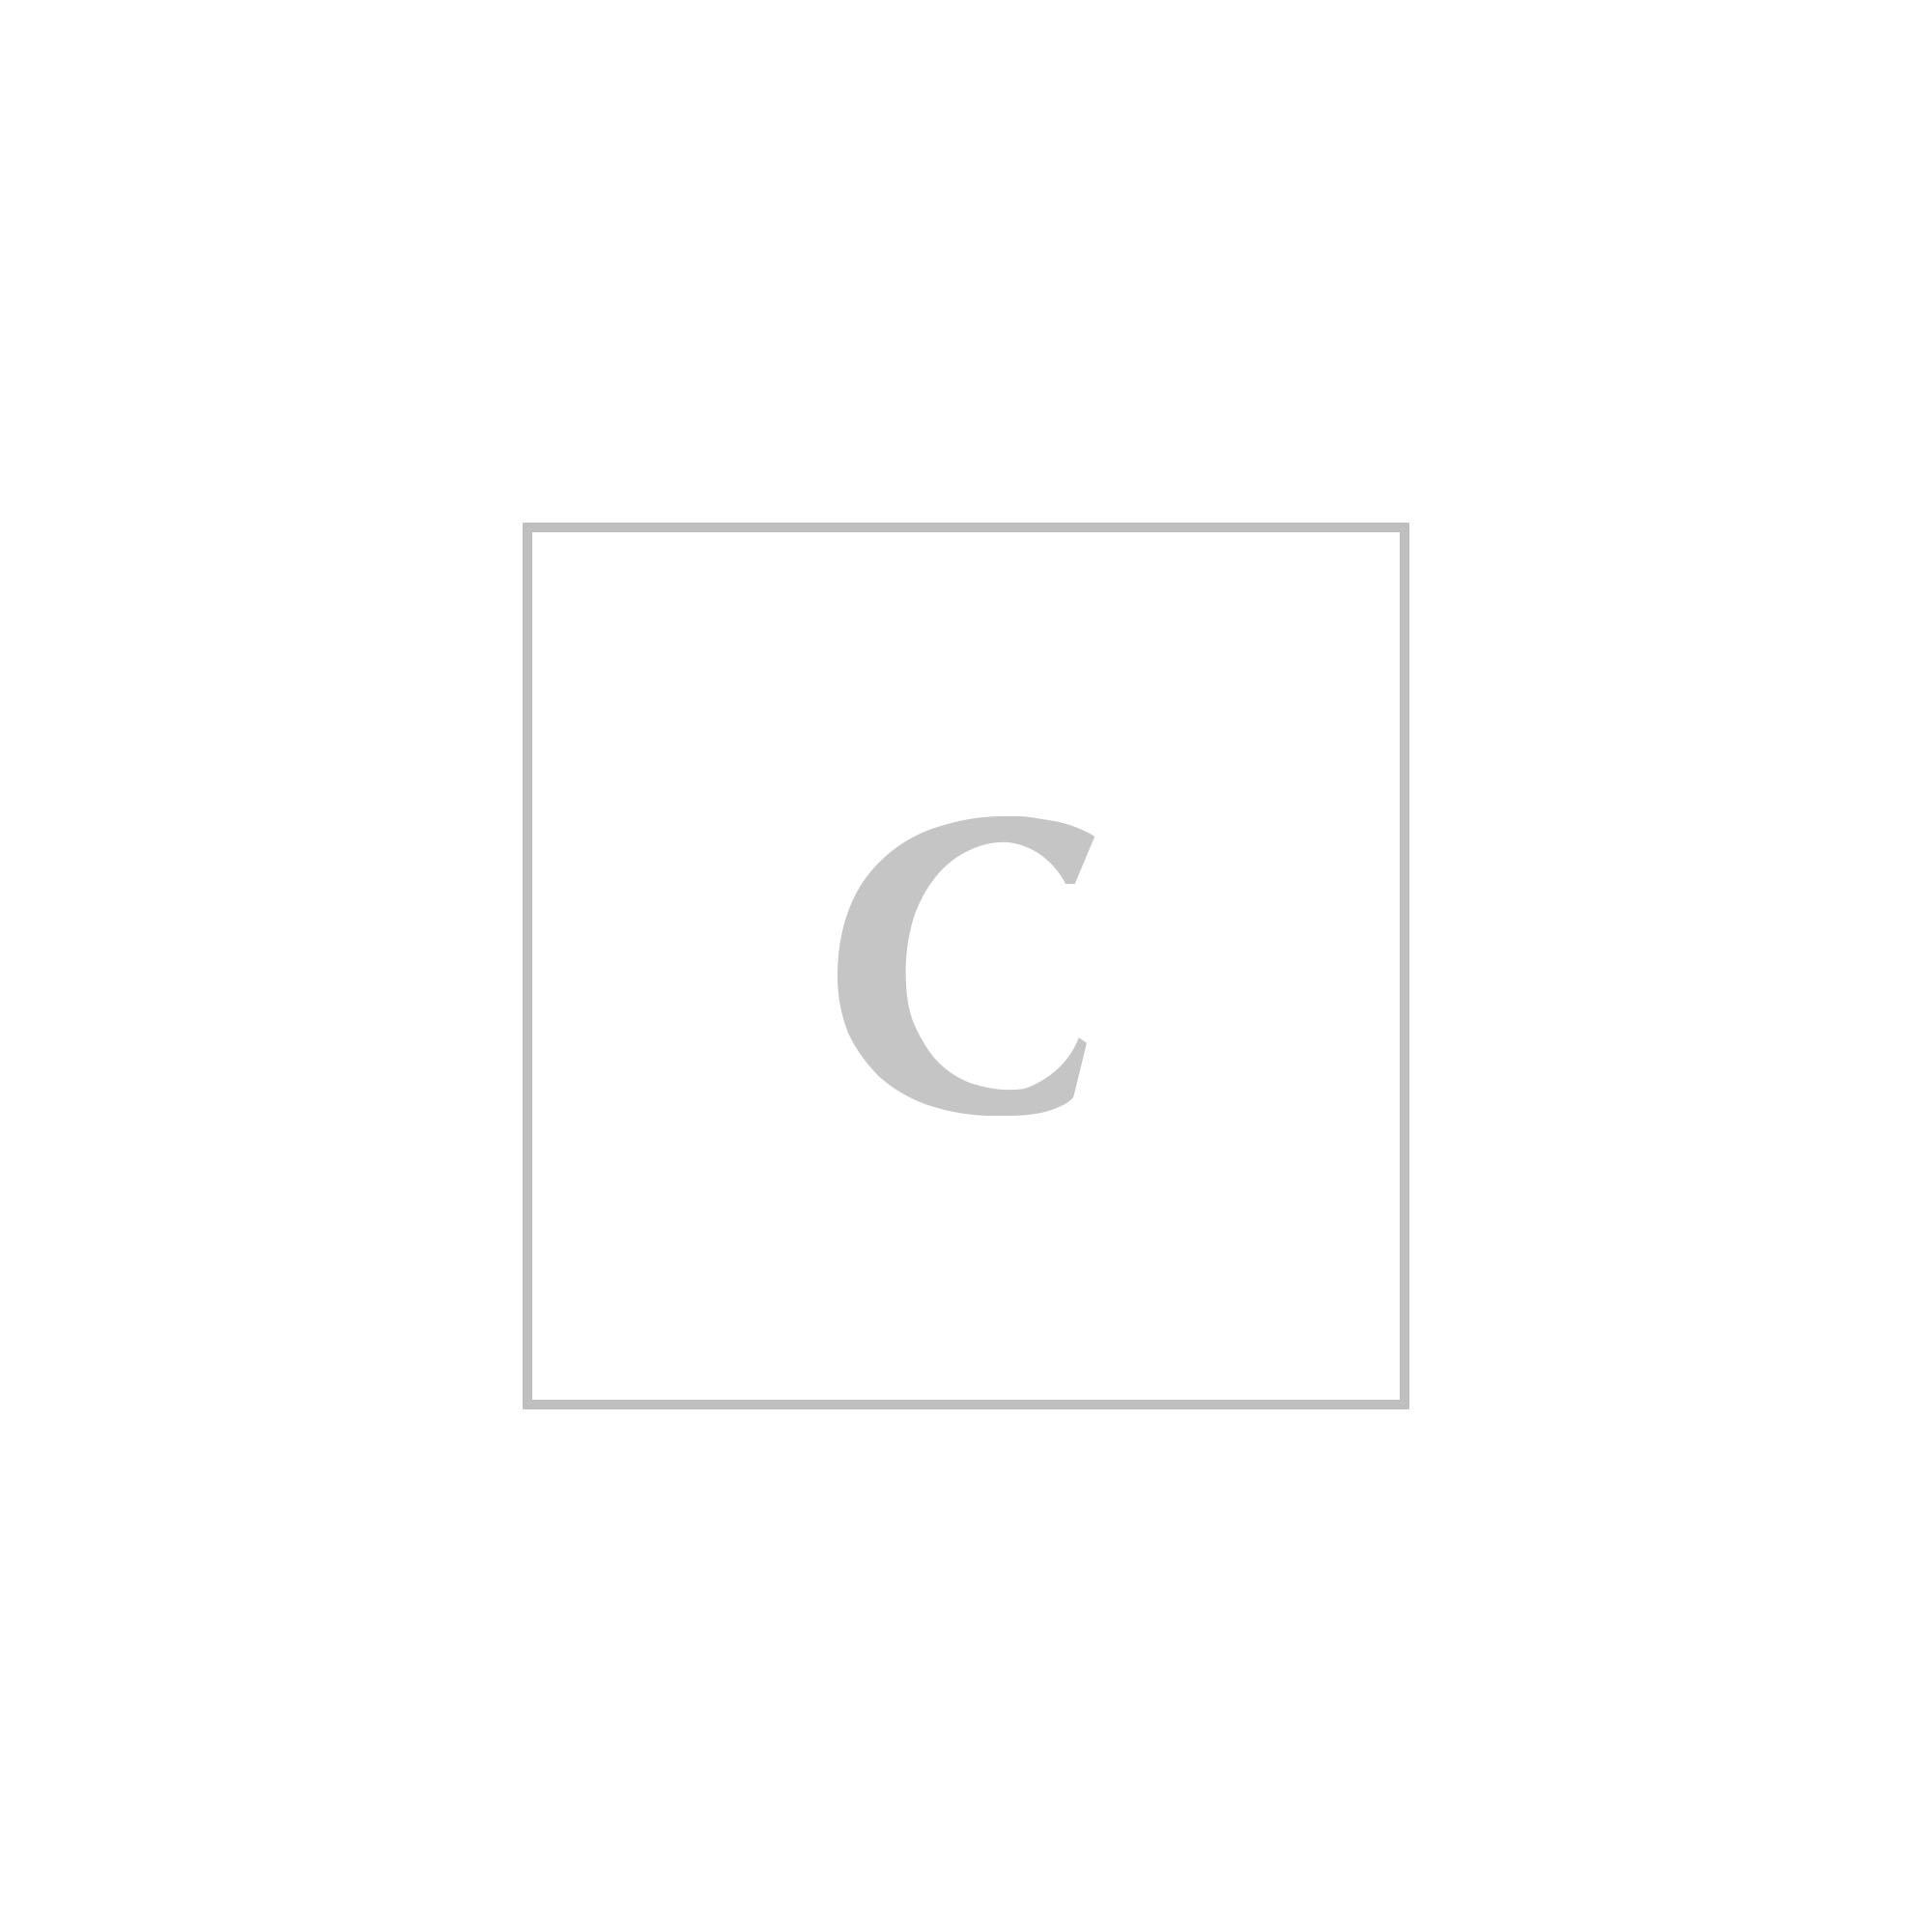 ad189cf5 Men's Clothing Moncler Basic for Men White